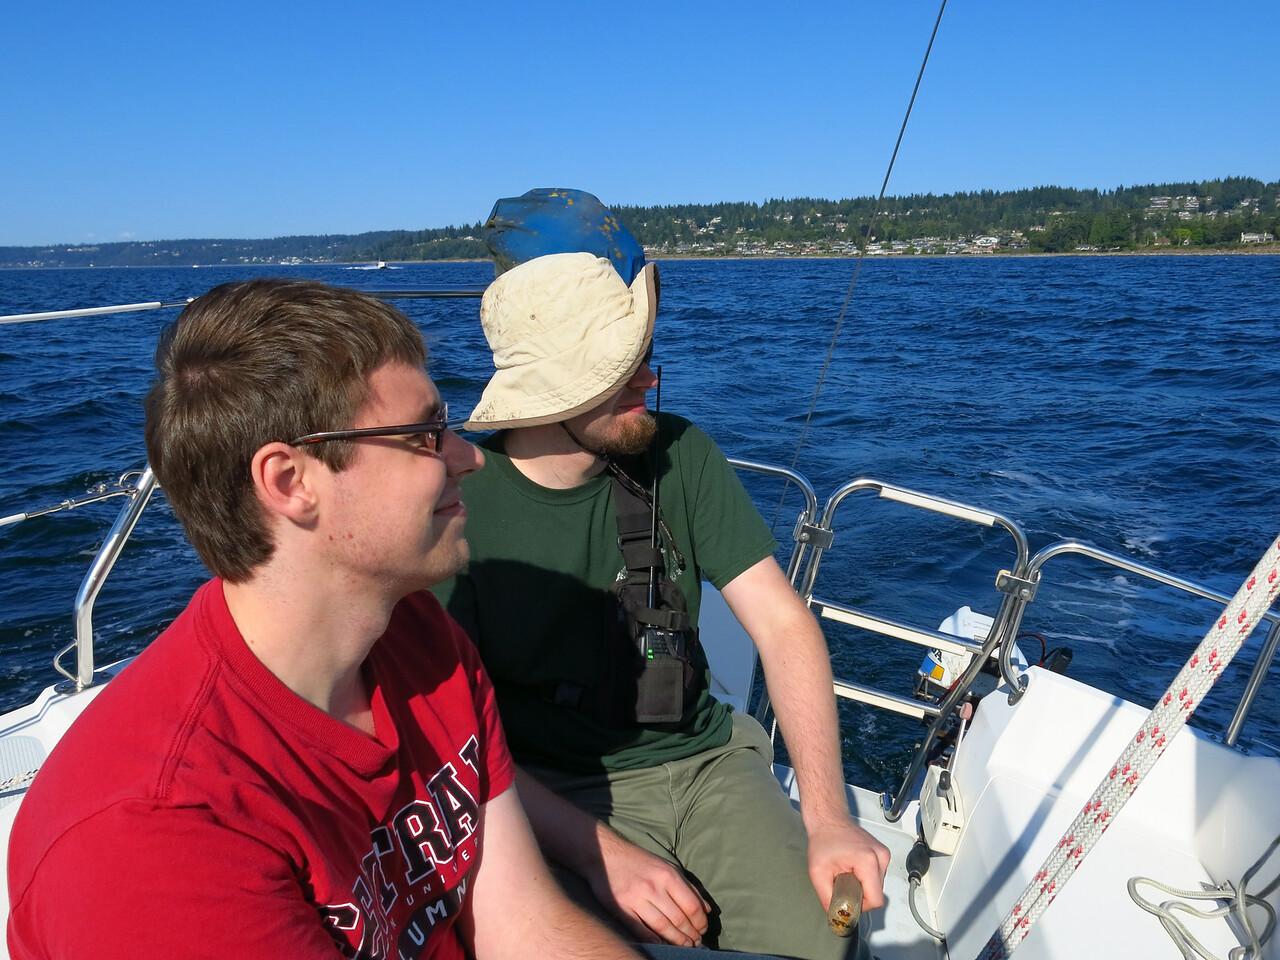 2014-07-26 Sail (8)